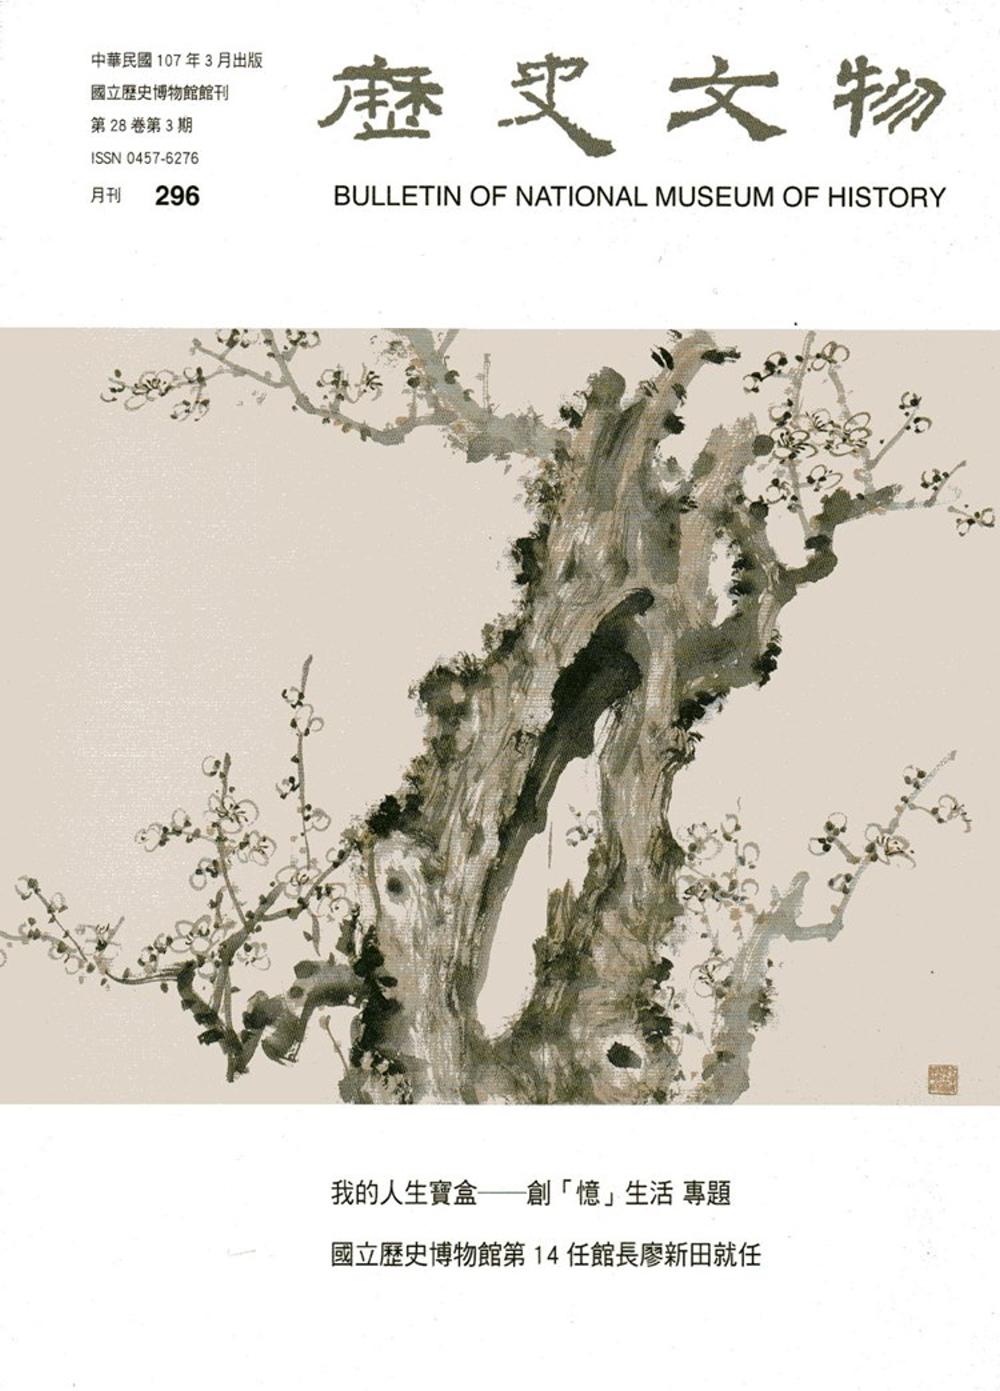 歷史文物月刊第28卷3期(107/03)